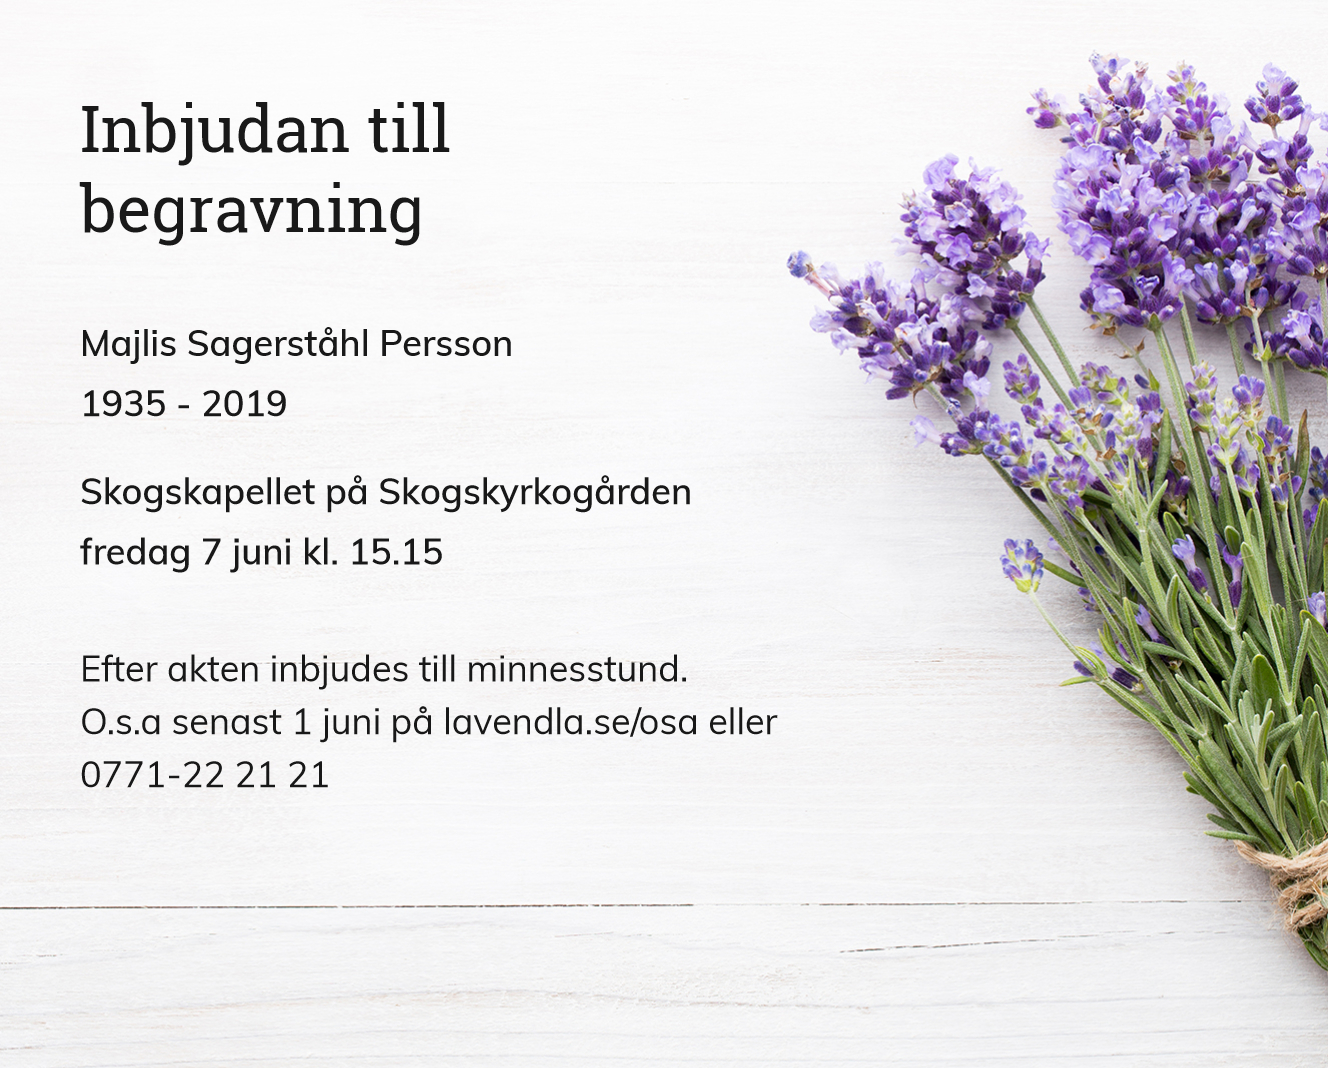 Inbjudningskort till ceremonin för Majlis Sagerståhl Persson